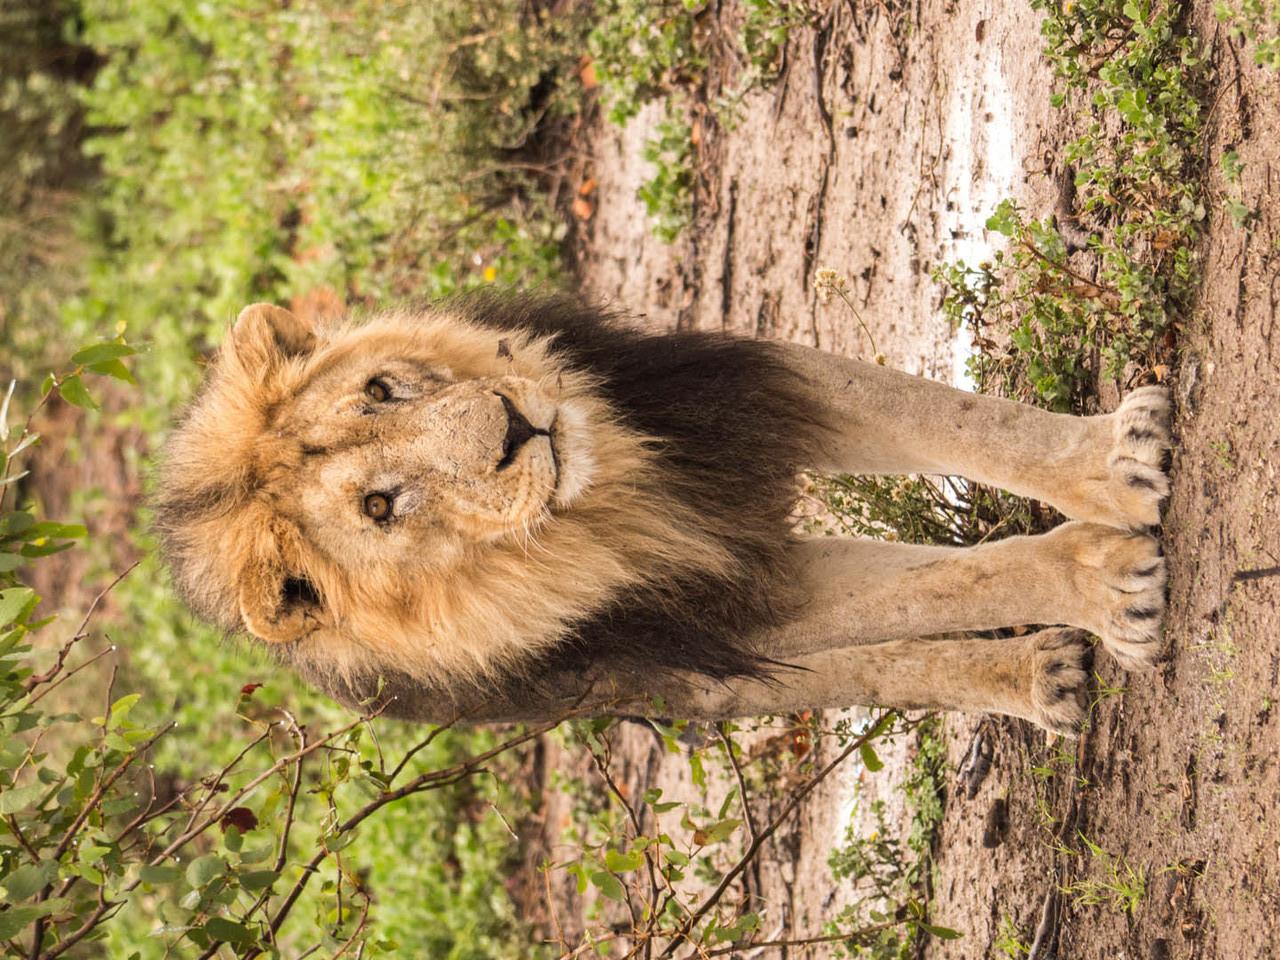 Lion [Etosha Park, Namibia, 2015]